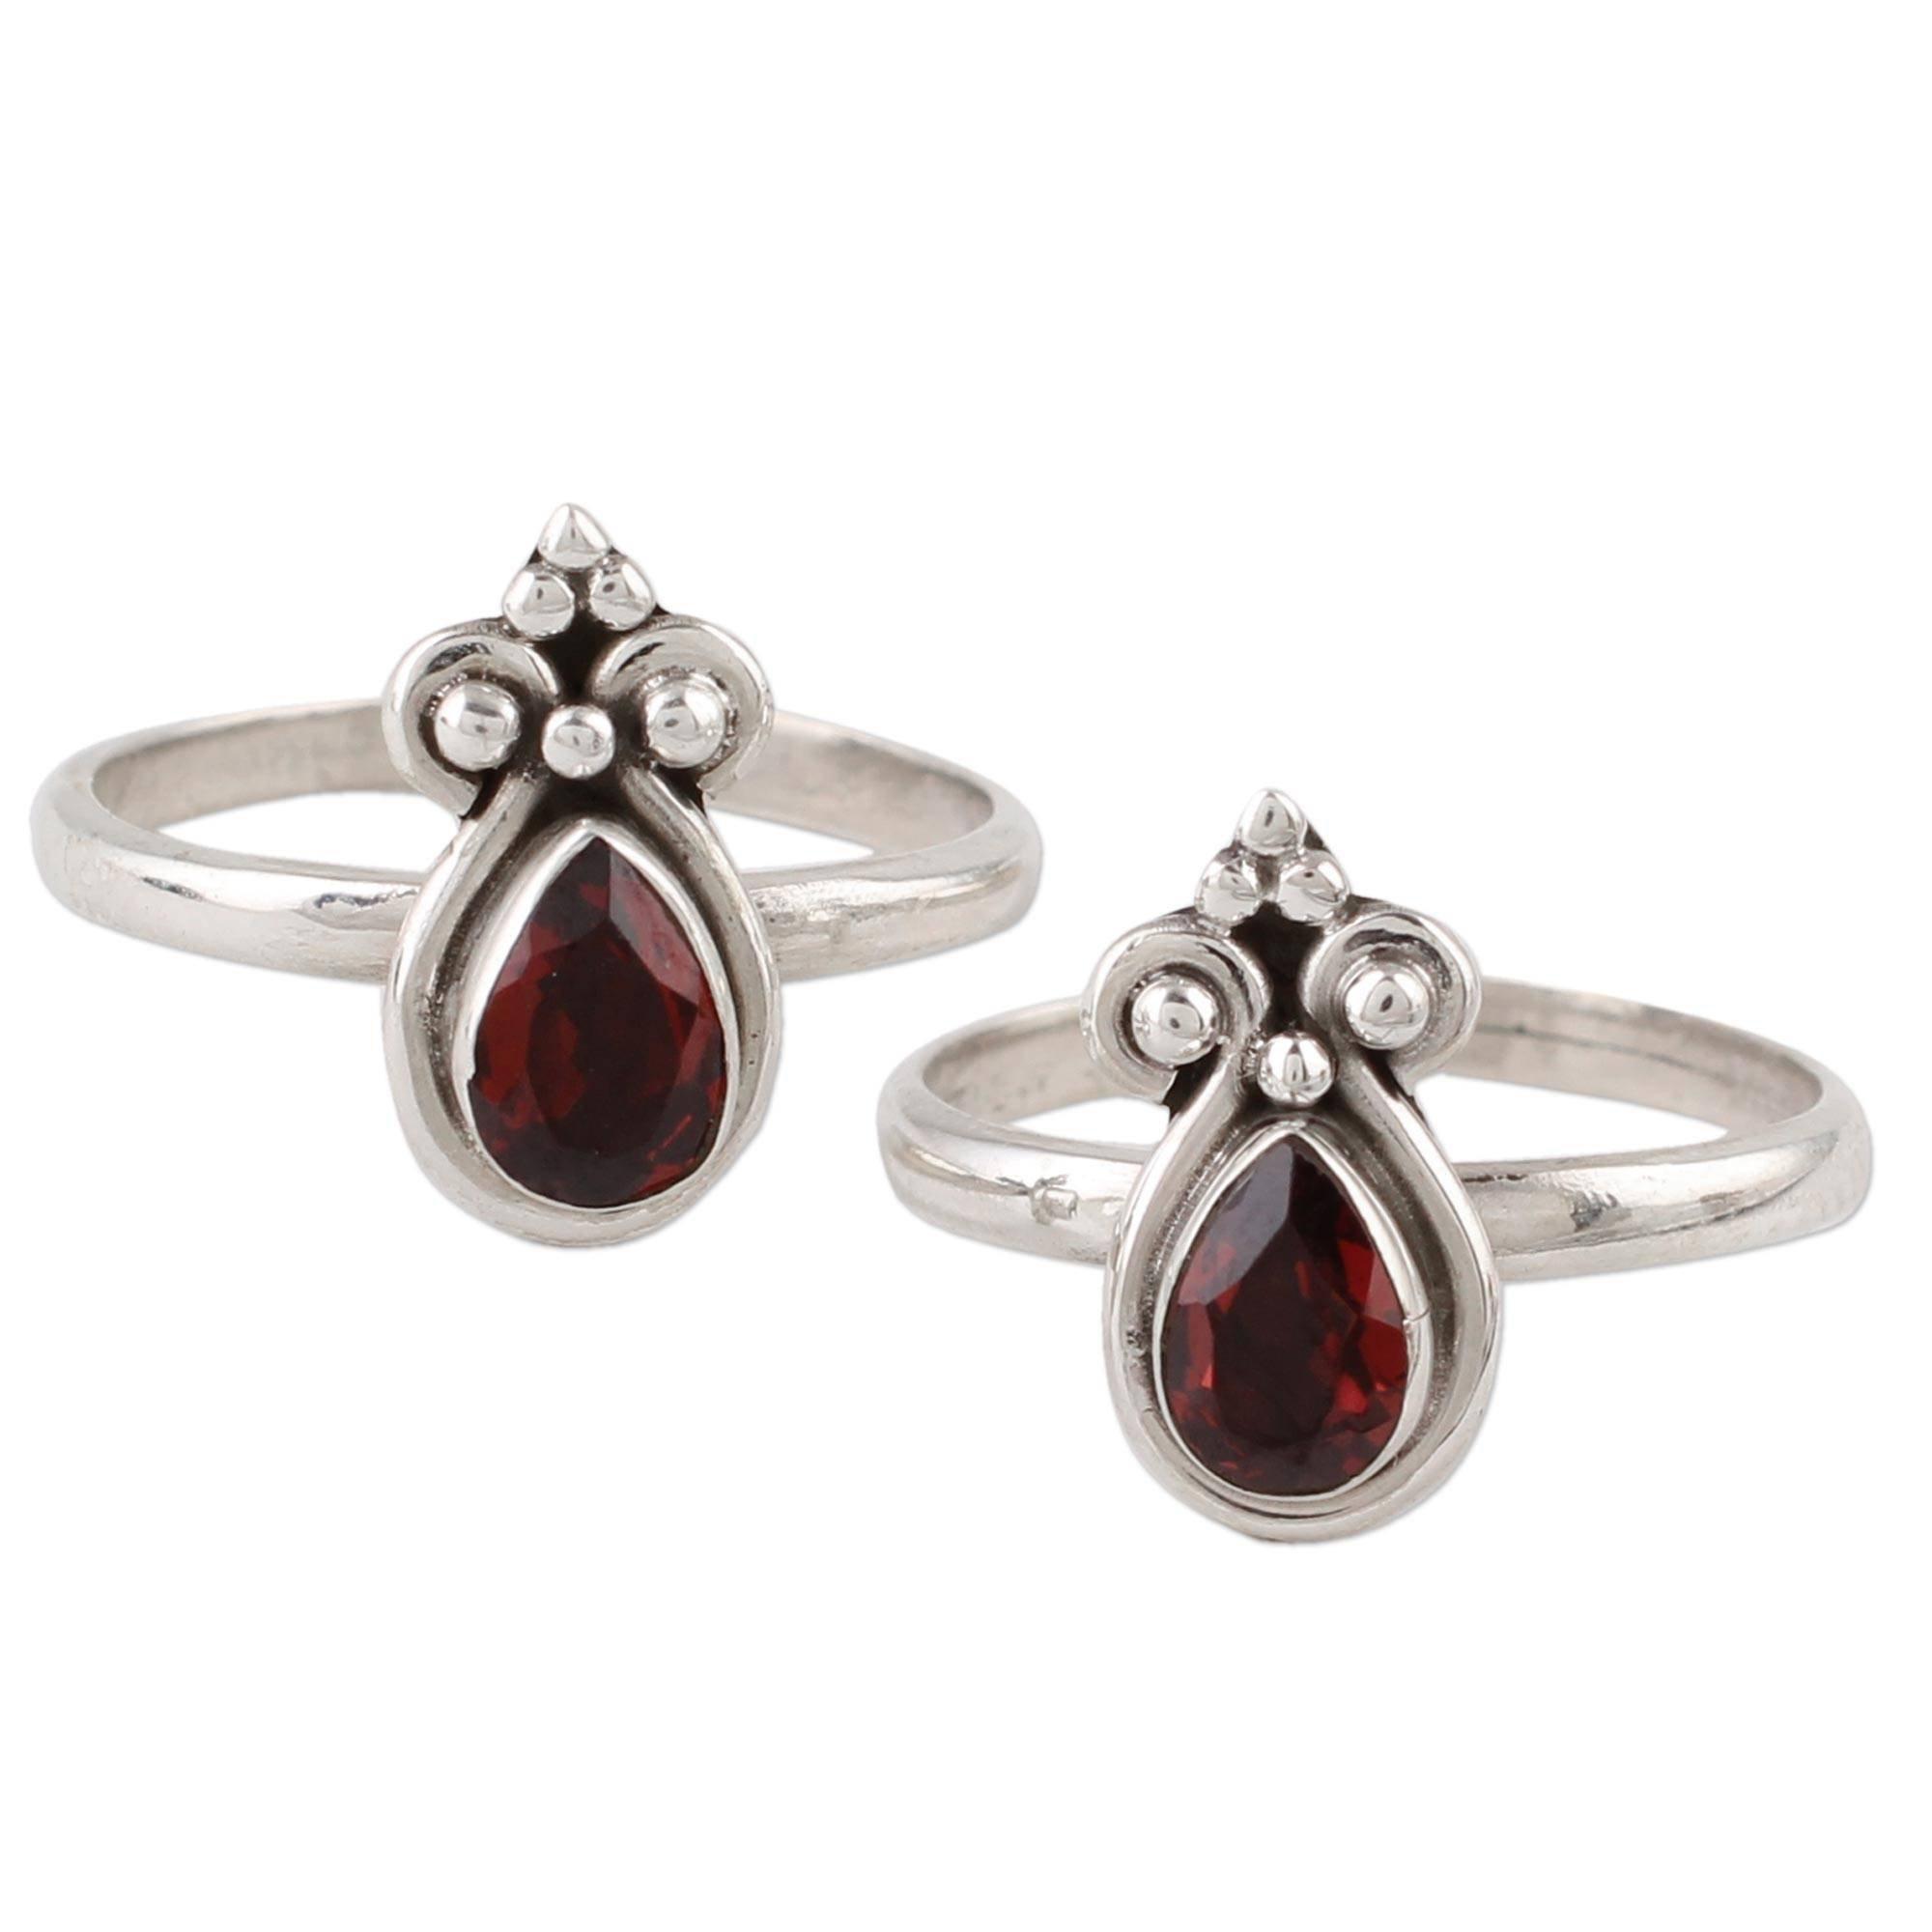 NOVICA Teardrop Garnet .925 Sterling Silver Adjustable Toe Rings, Scarlet Drops' (pair)